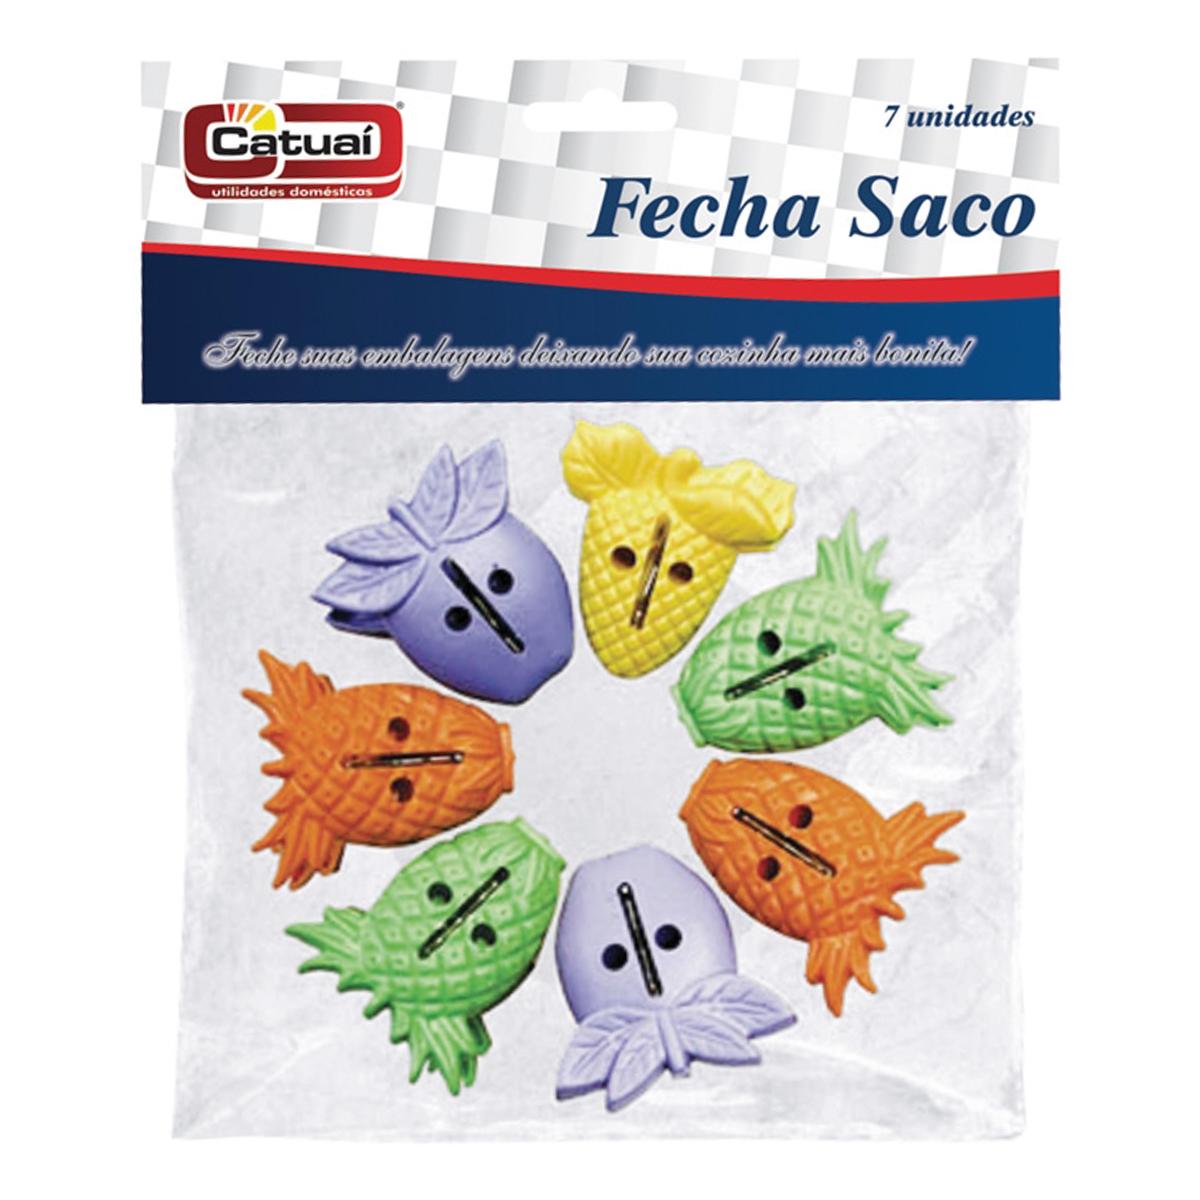 Prendedores Fecha Saco Catuaí